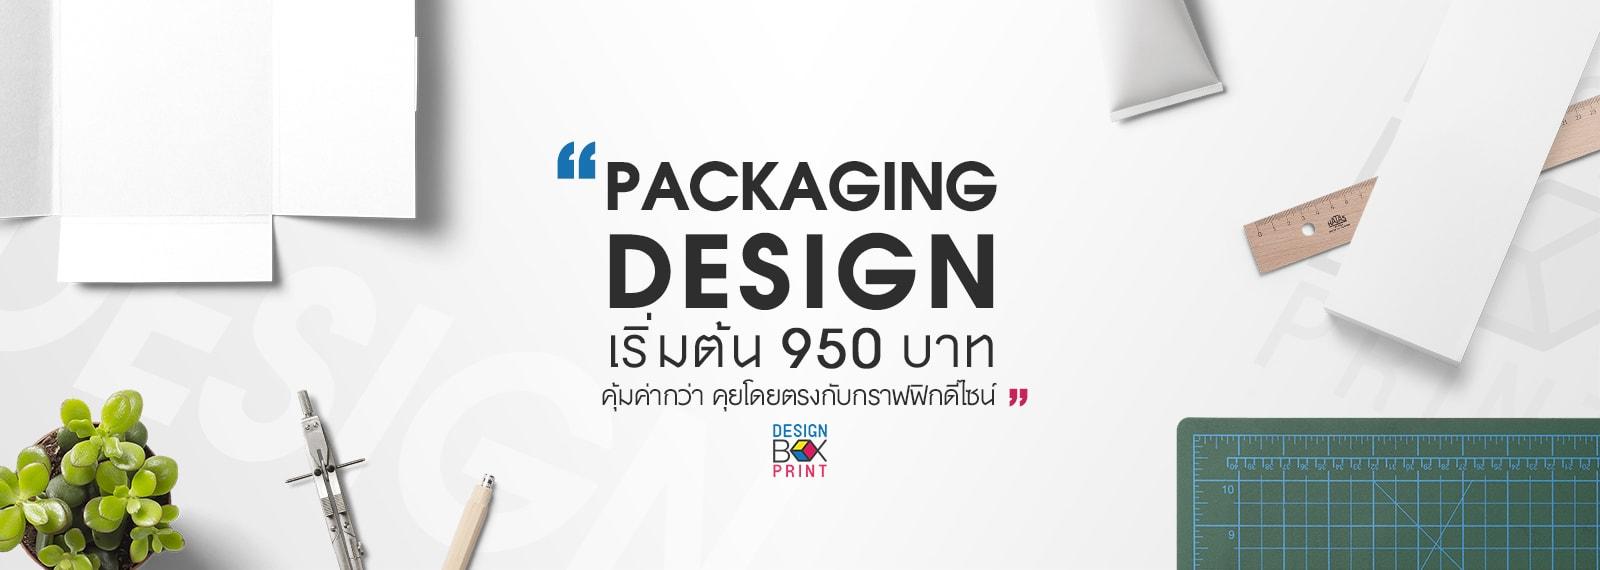 ออกแบบกล่องด่วน